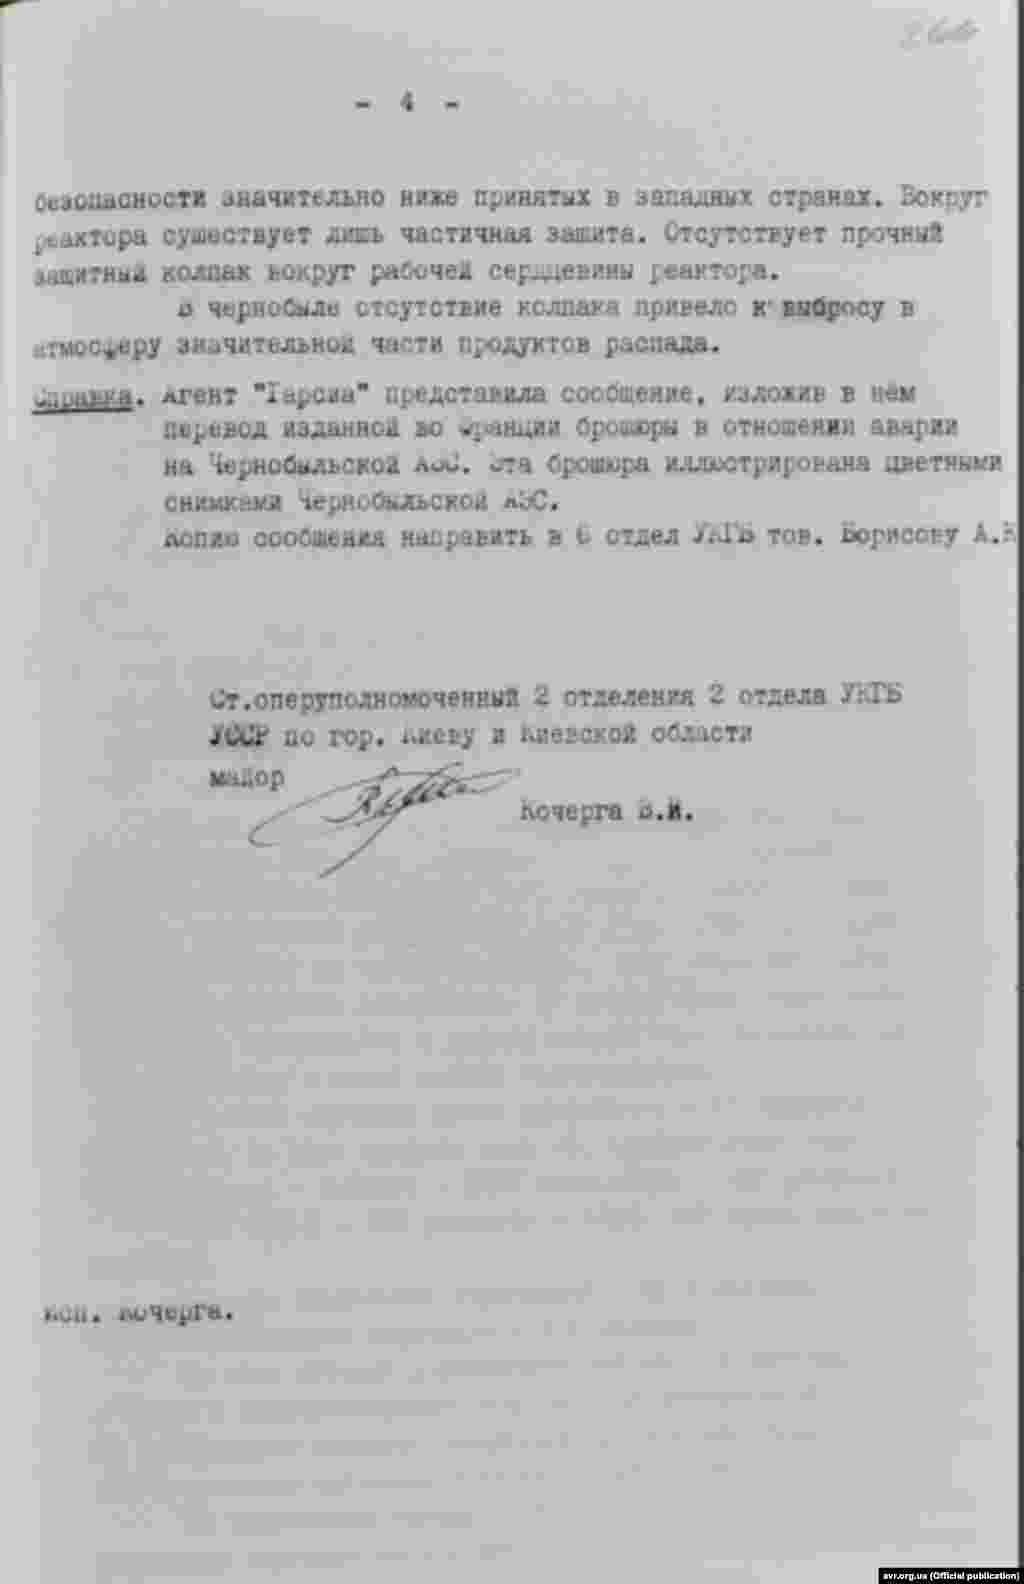 Агент КДБ «Гарсіа» доповідає про причини та аналіз Чорнобильської катастрофи, викладені французами